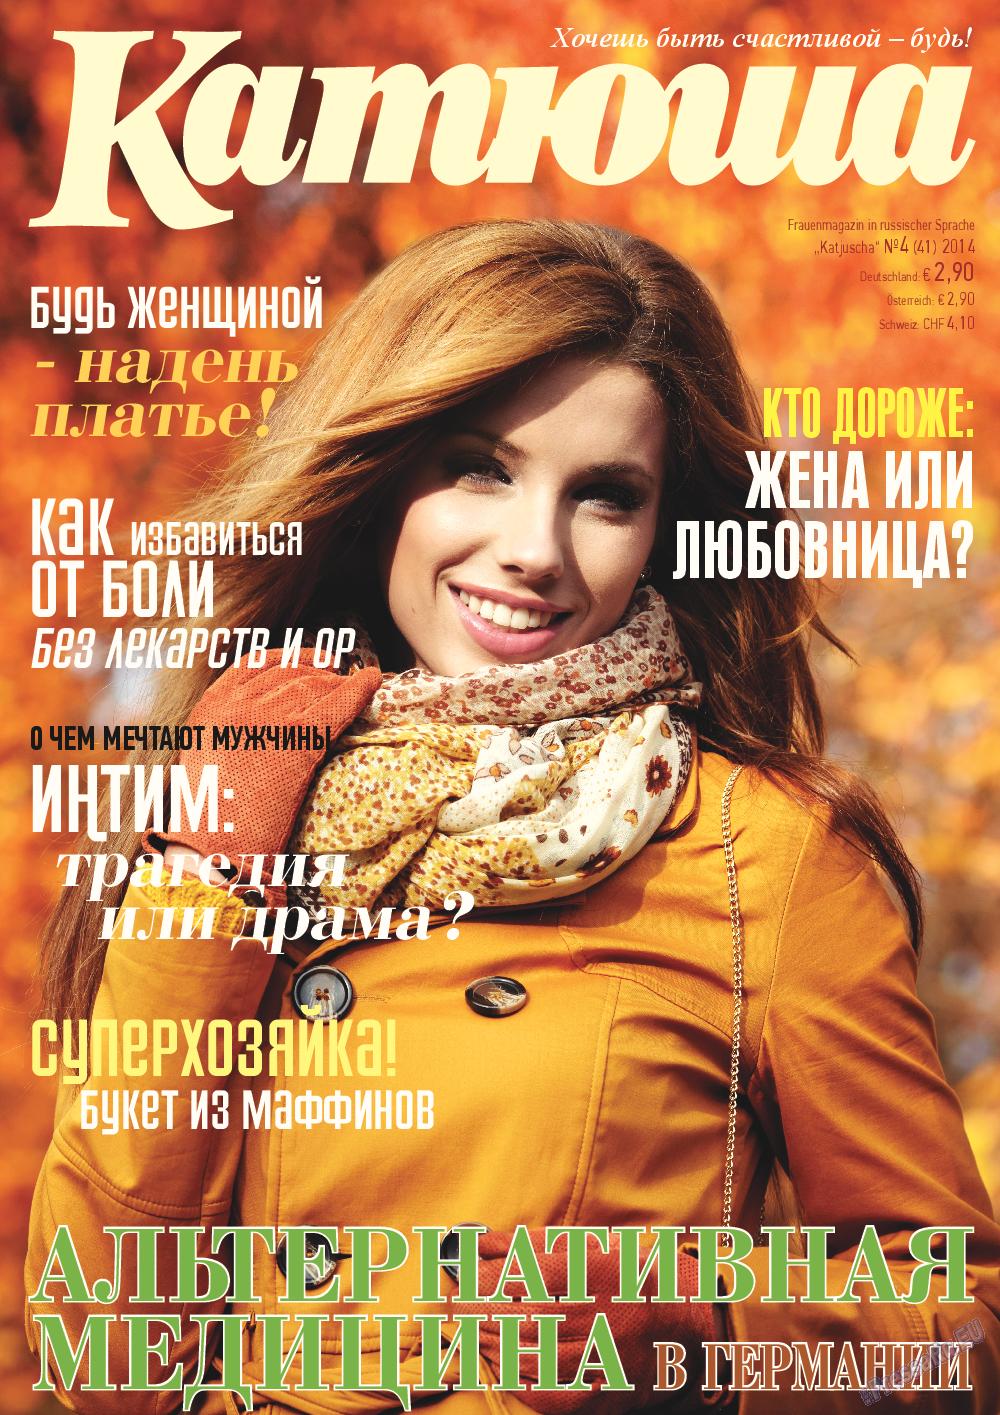 Катюша (журнал). 2014 год, номер 41, стр. 1